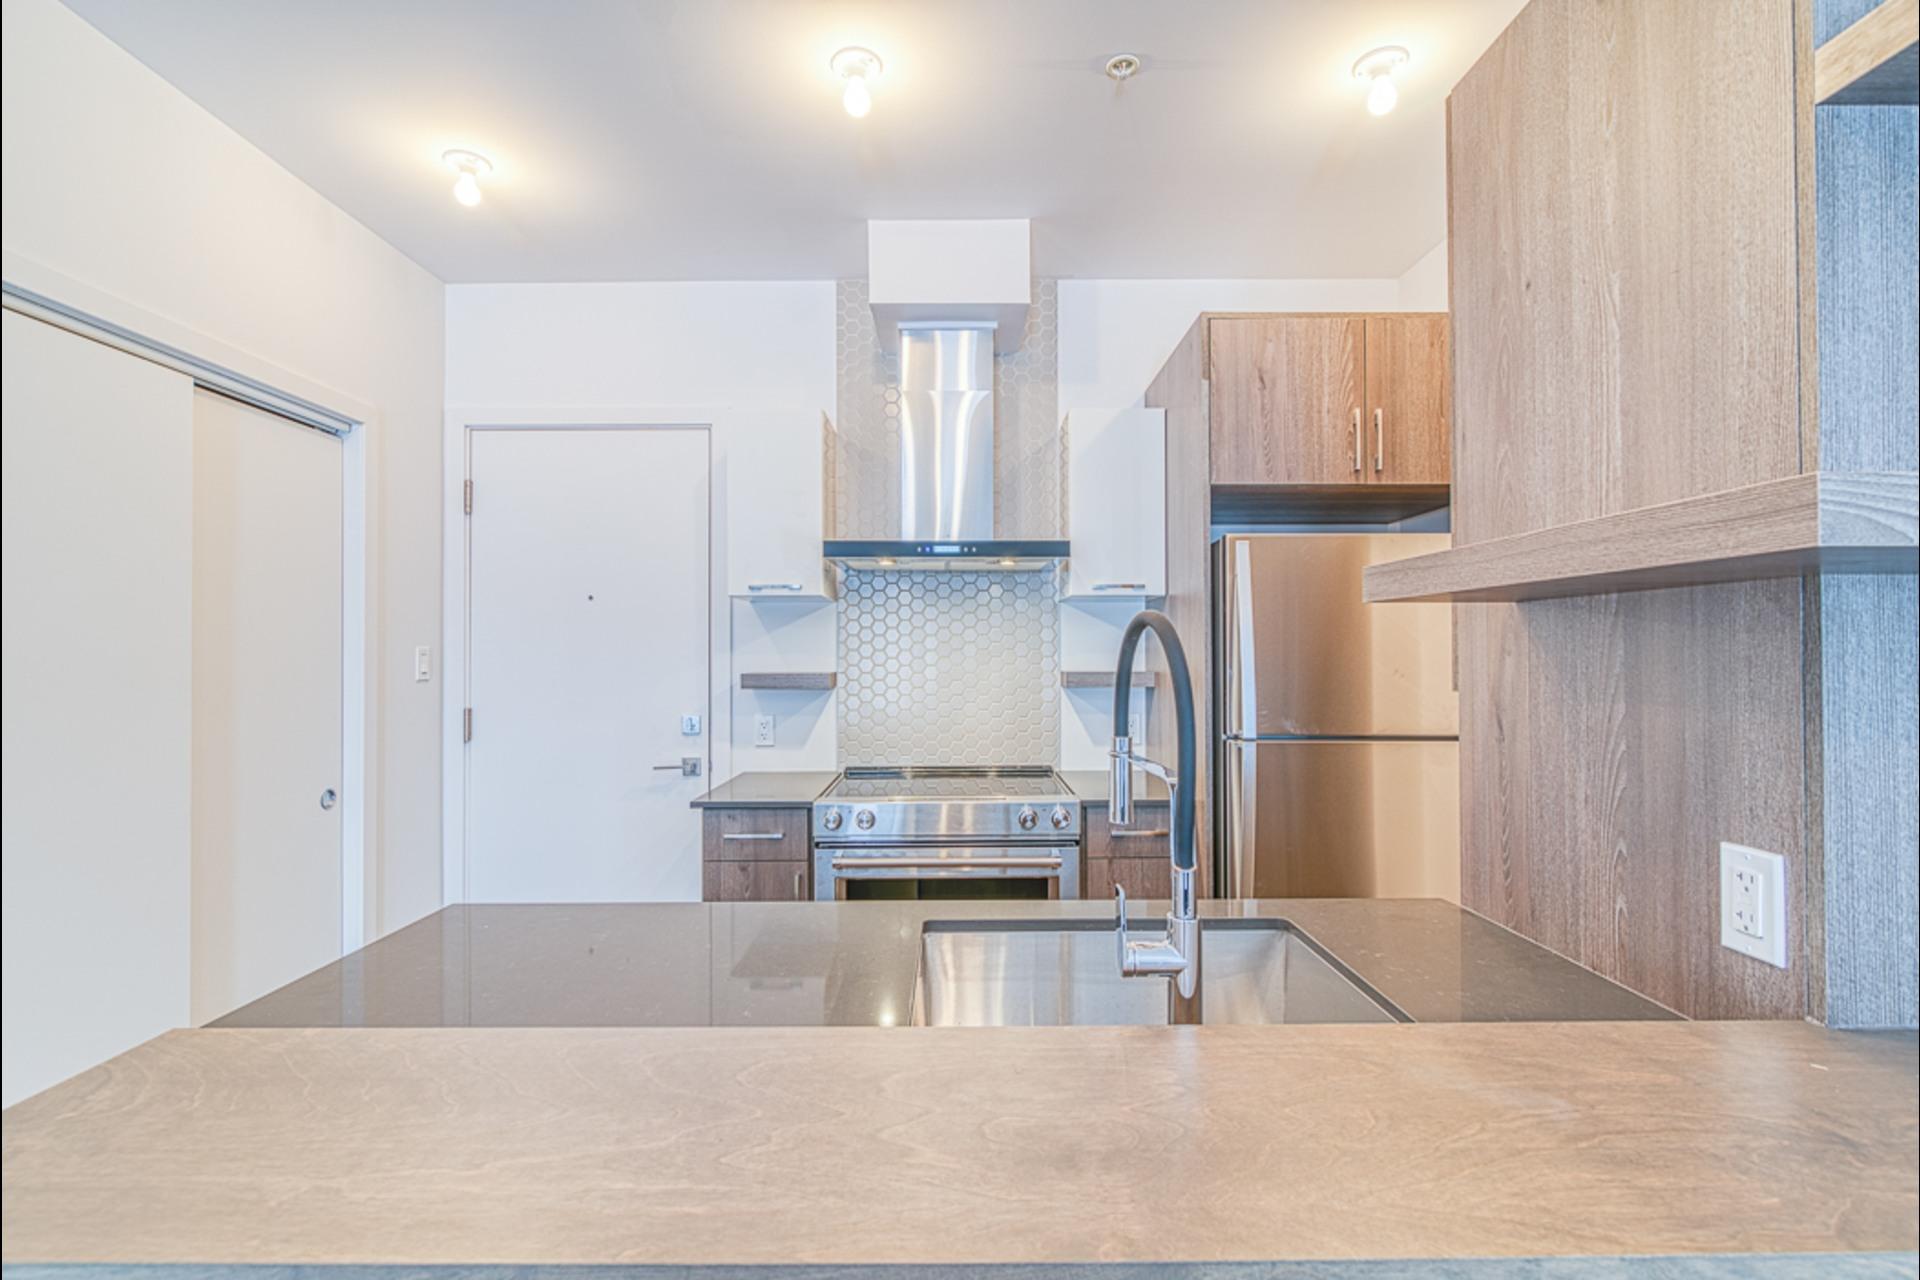 image 3 - MX - Condominio vertical - MX Para alquiler Montréal - 3 habitaciones